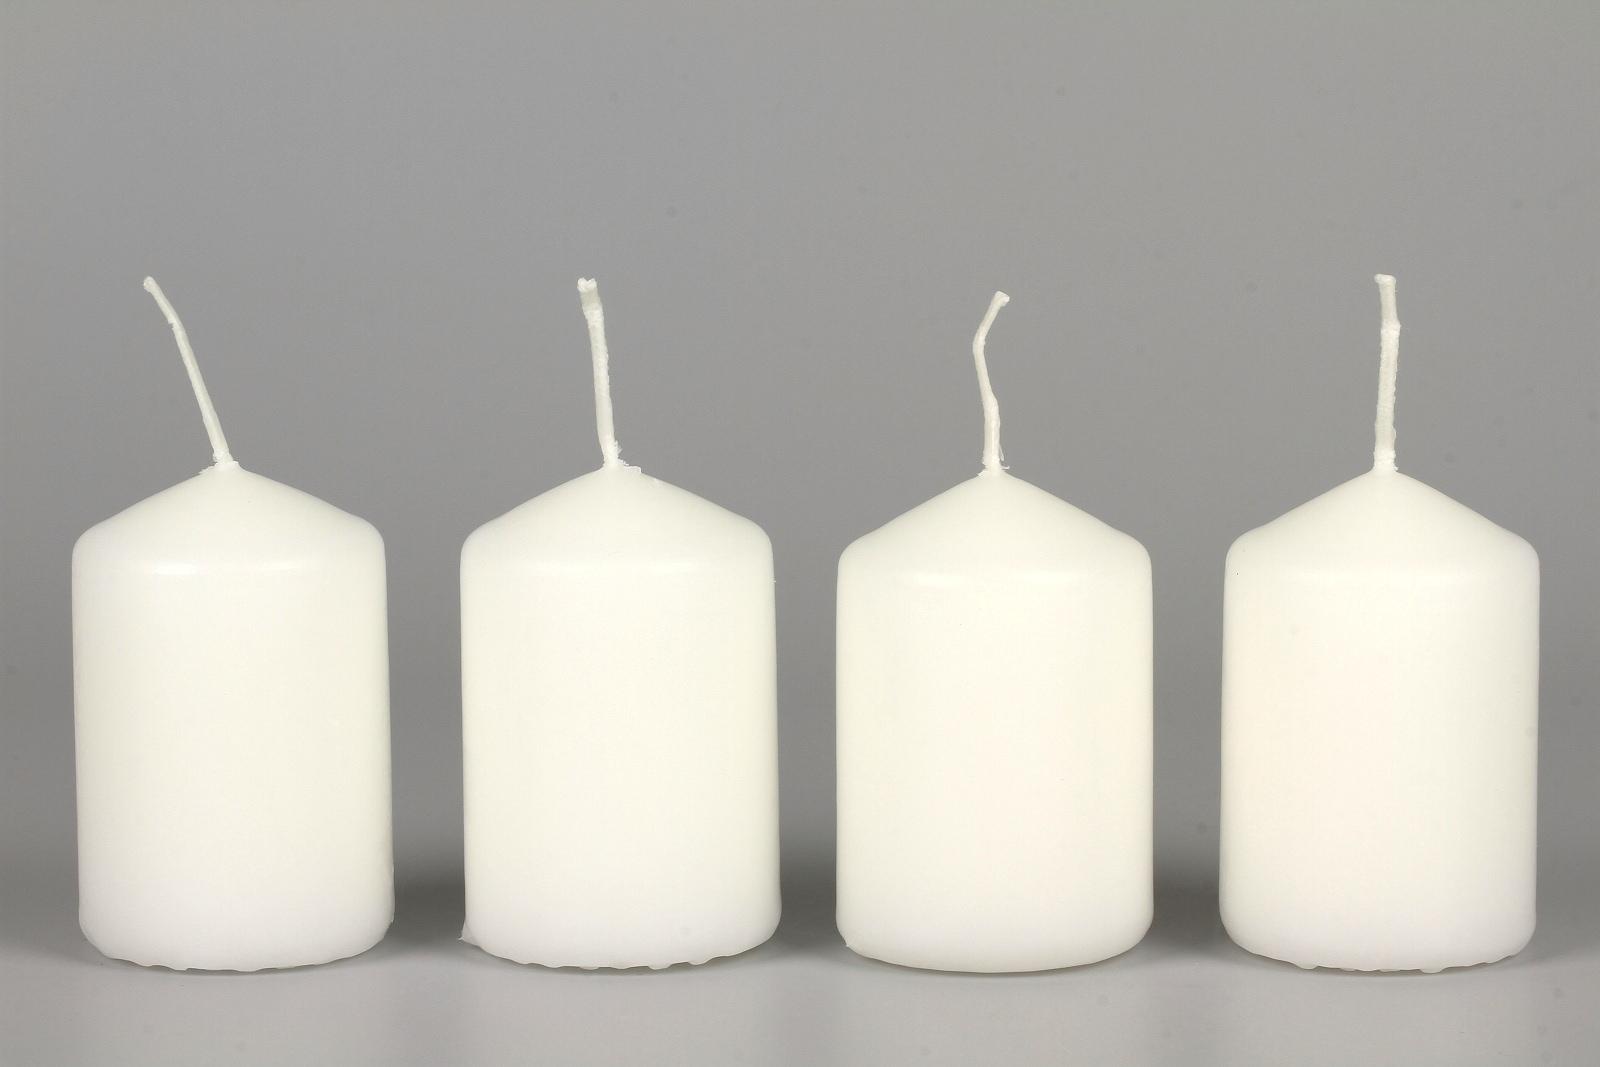 Stumpenkerzen für Teelichtpyramiden, 60 mm, weiß, 4 Stück